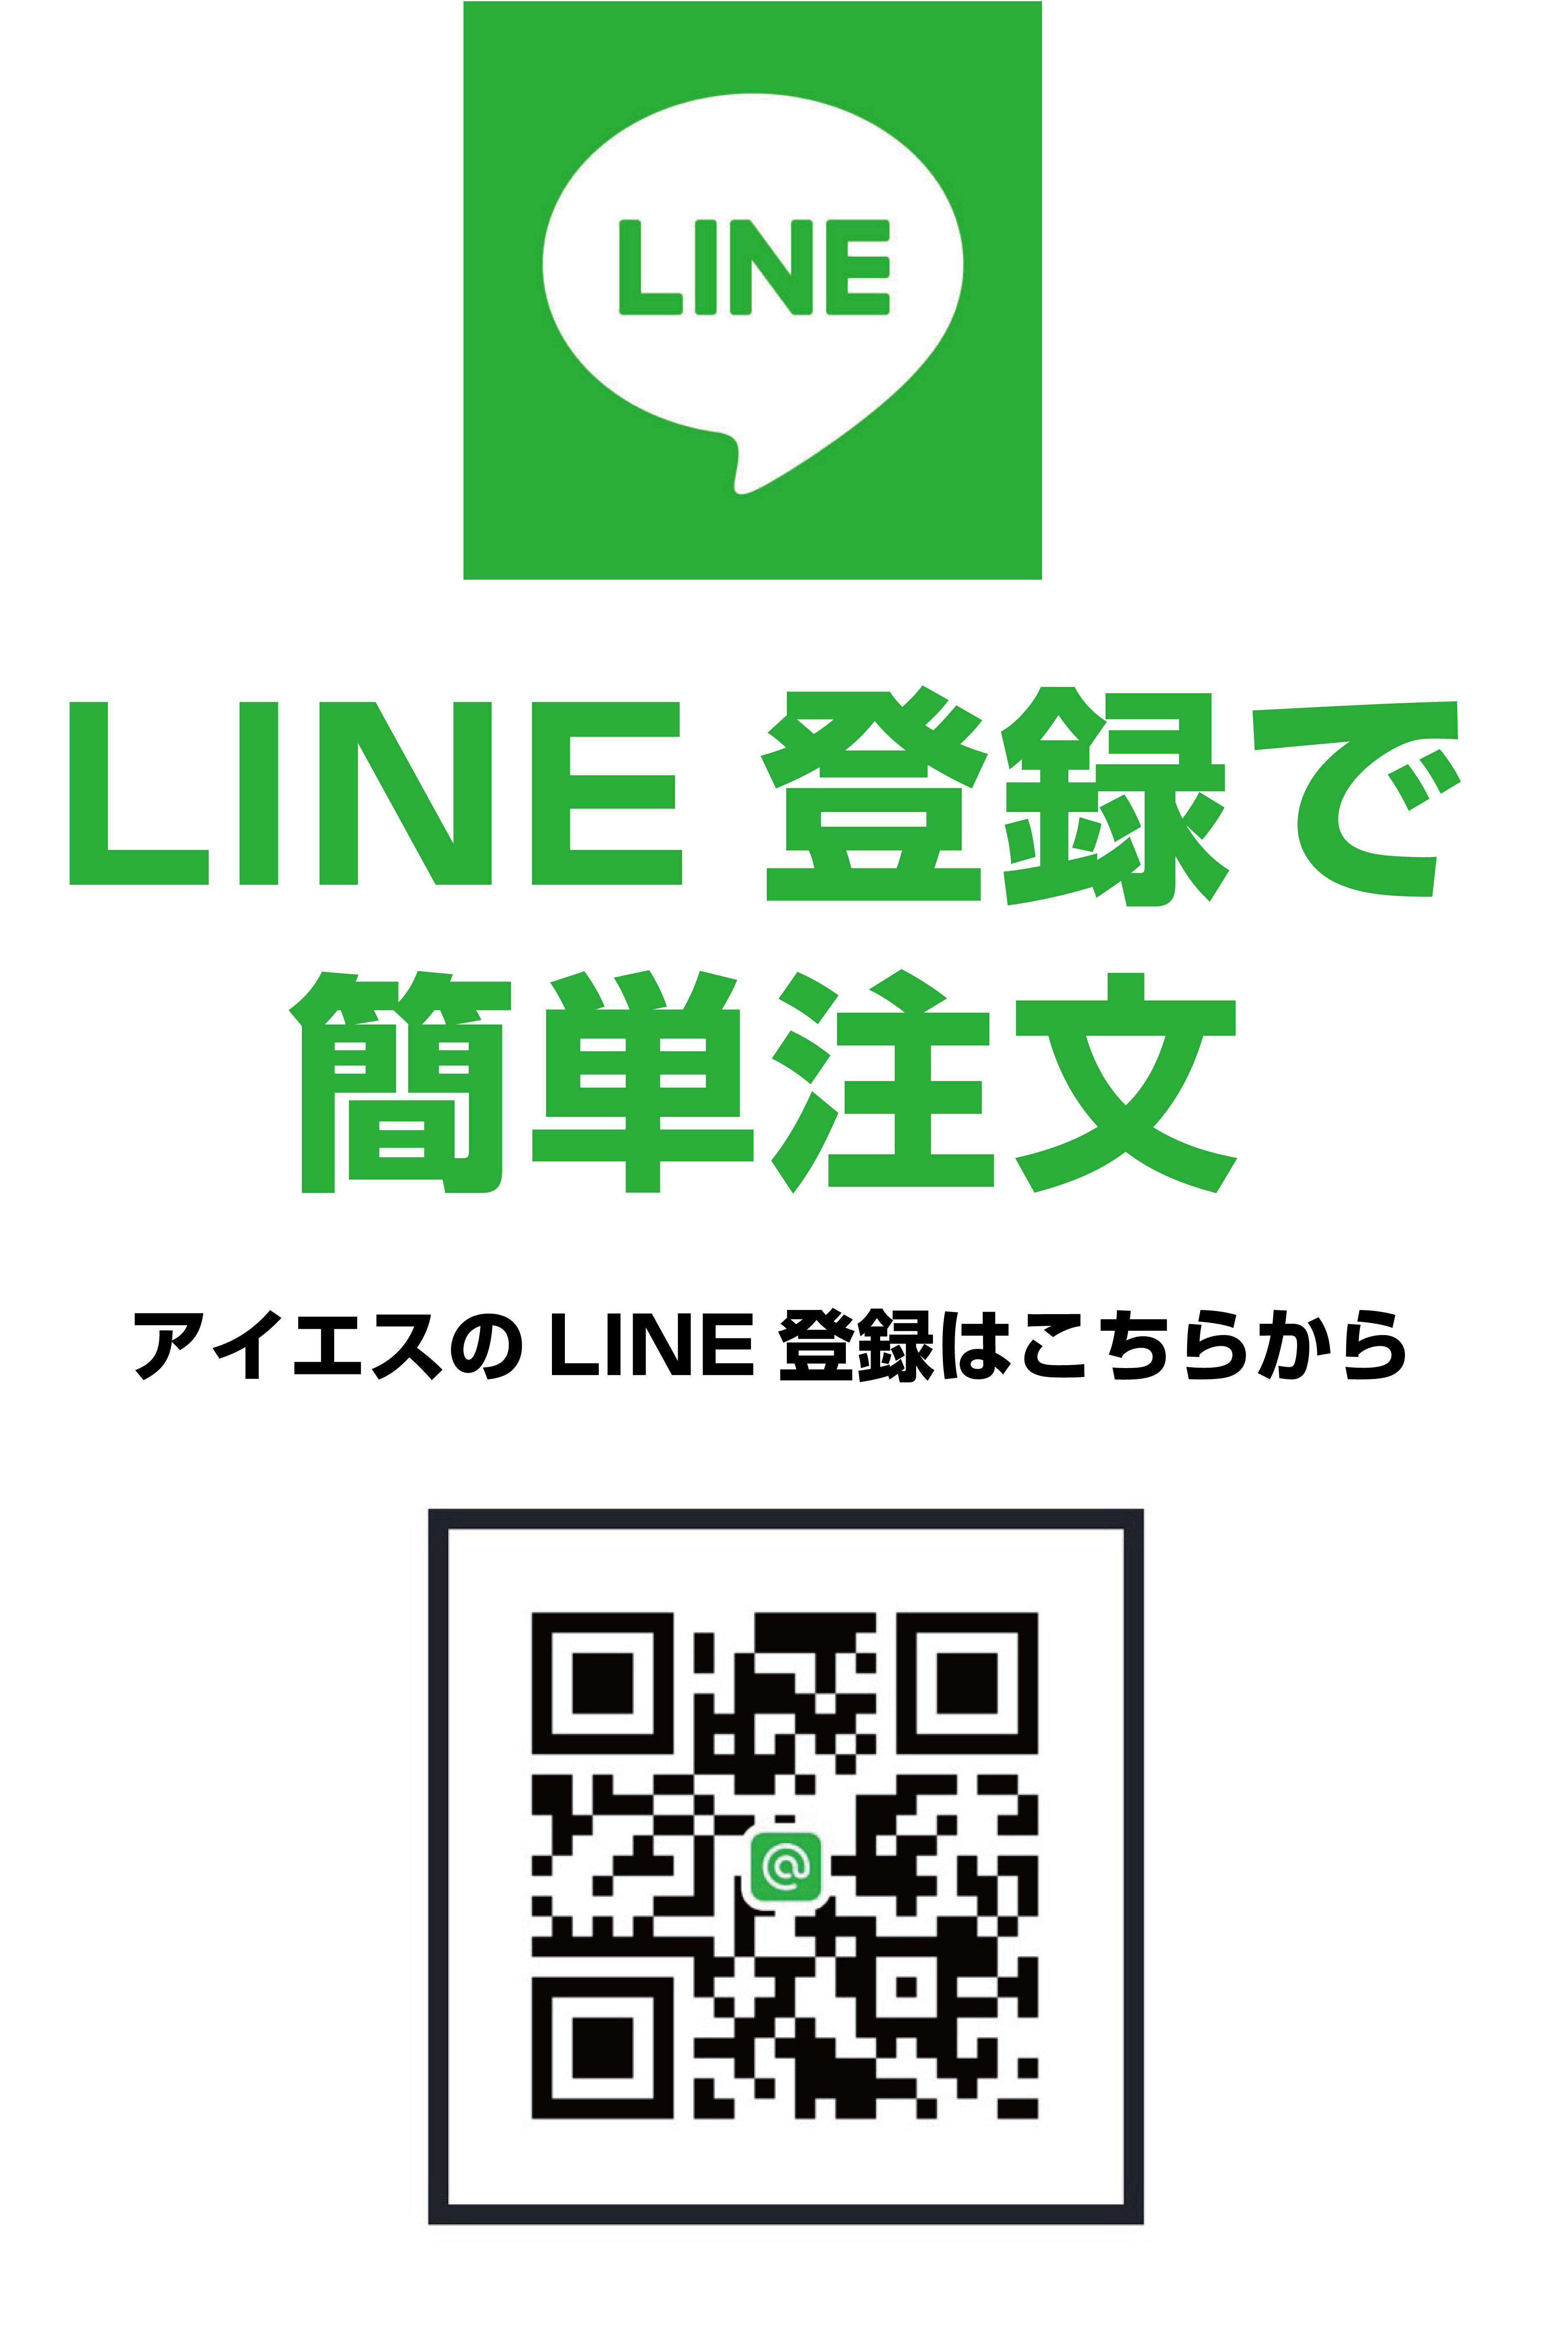 LINE登録で簡単注文